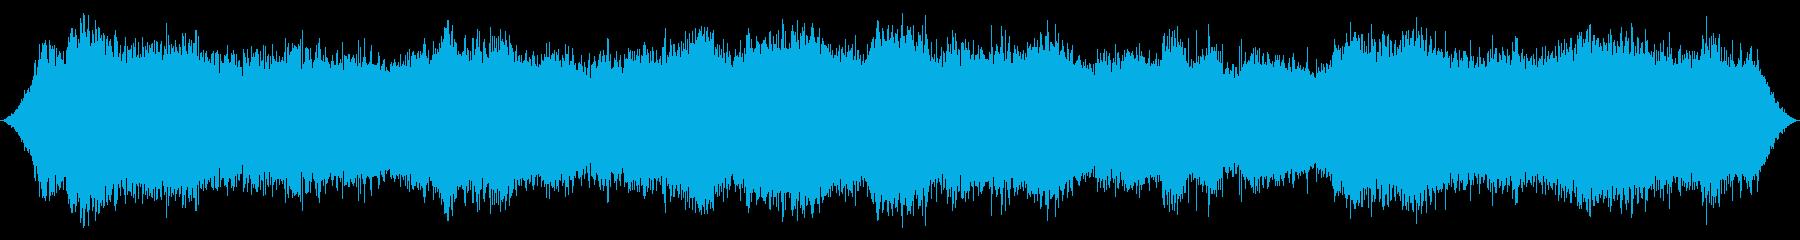 オーシャン:ヘビーディスタントサー...の再生済みの波形